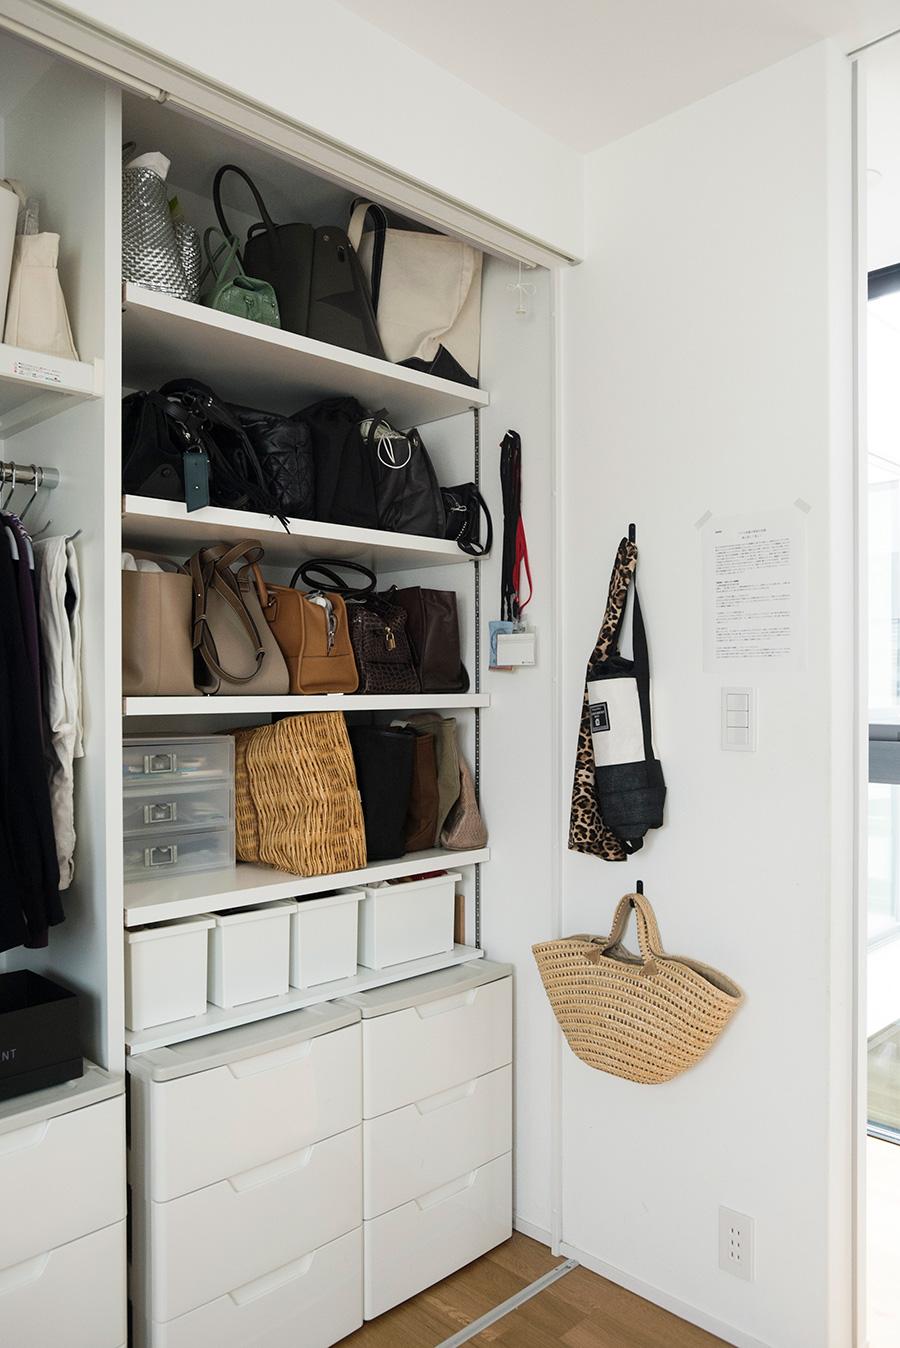 バッグ、アクセサリーからエコバッグまで、外出に必要なものを収納。壁にかけたカゴには、寝間着を入れている。